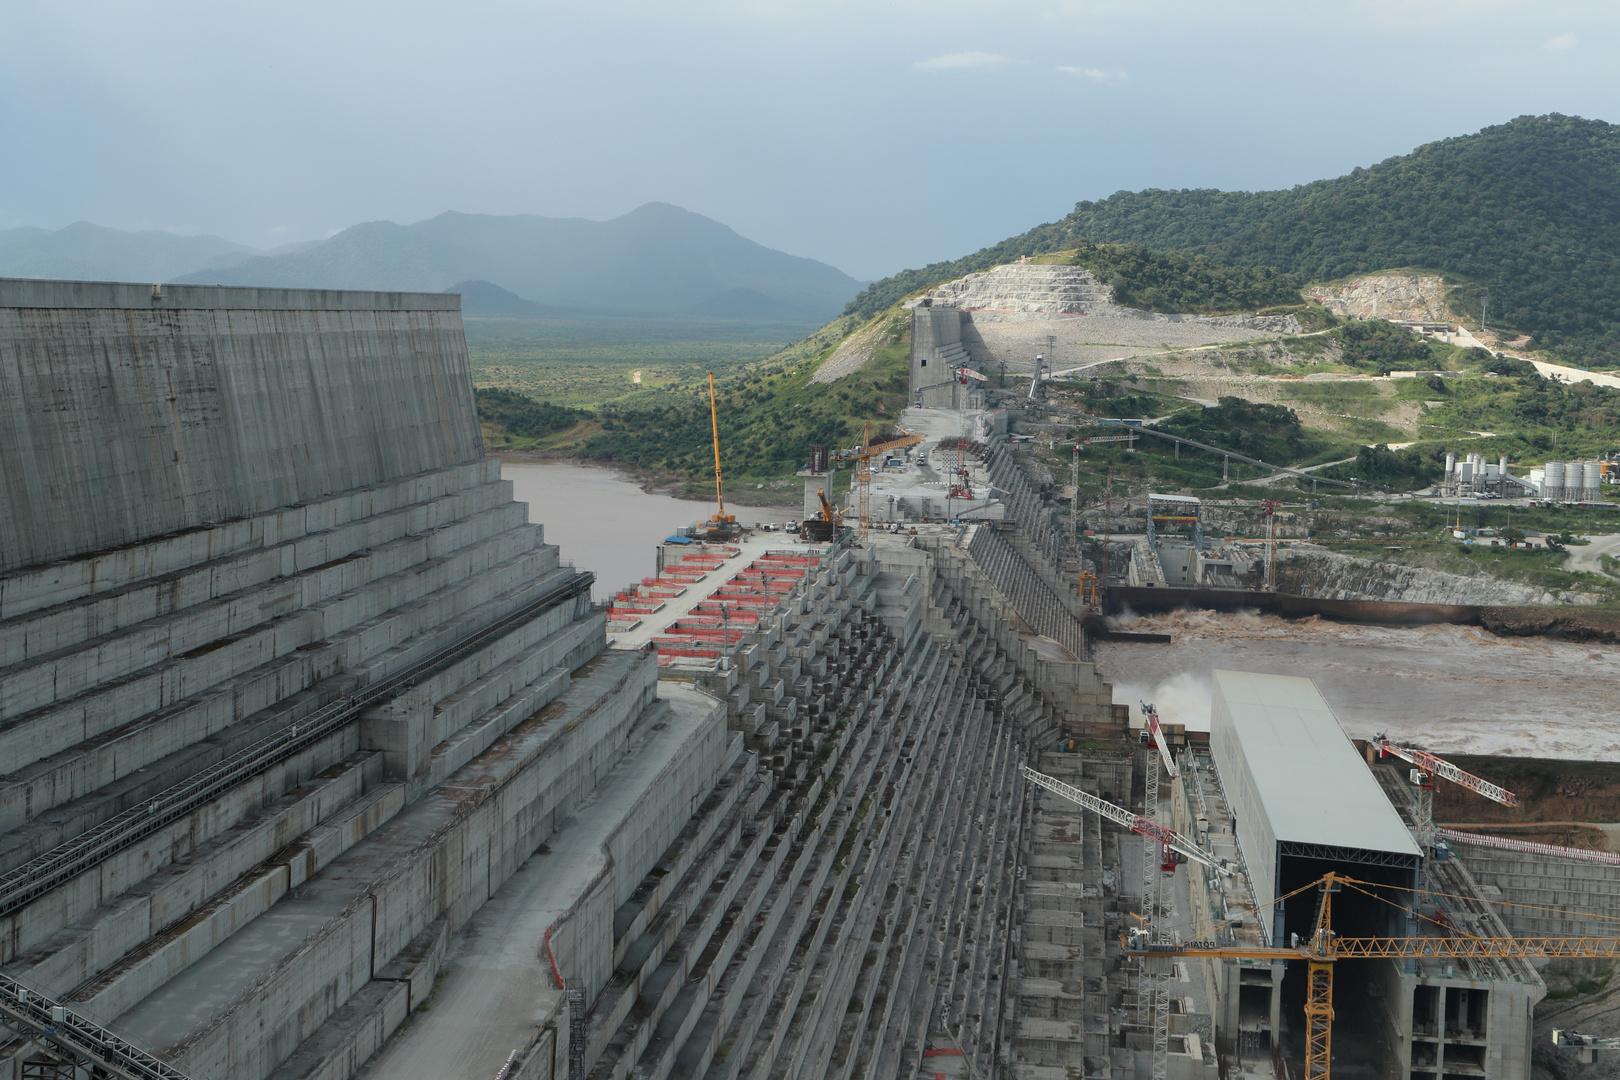 إثيوبيا تعلن البدء بملء سد النهضة نهاية العام -